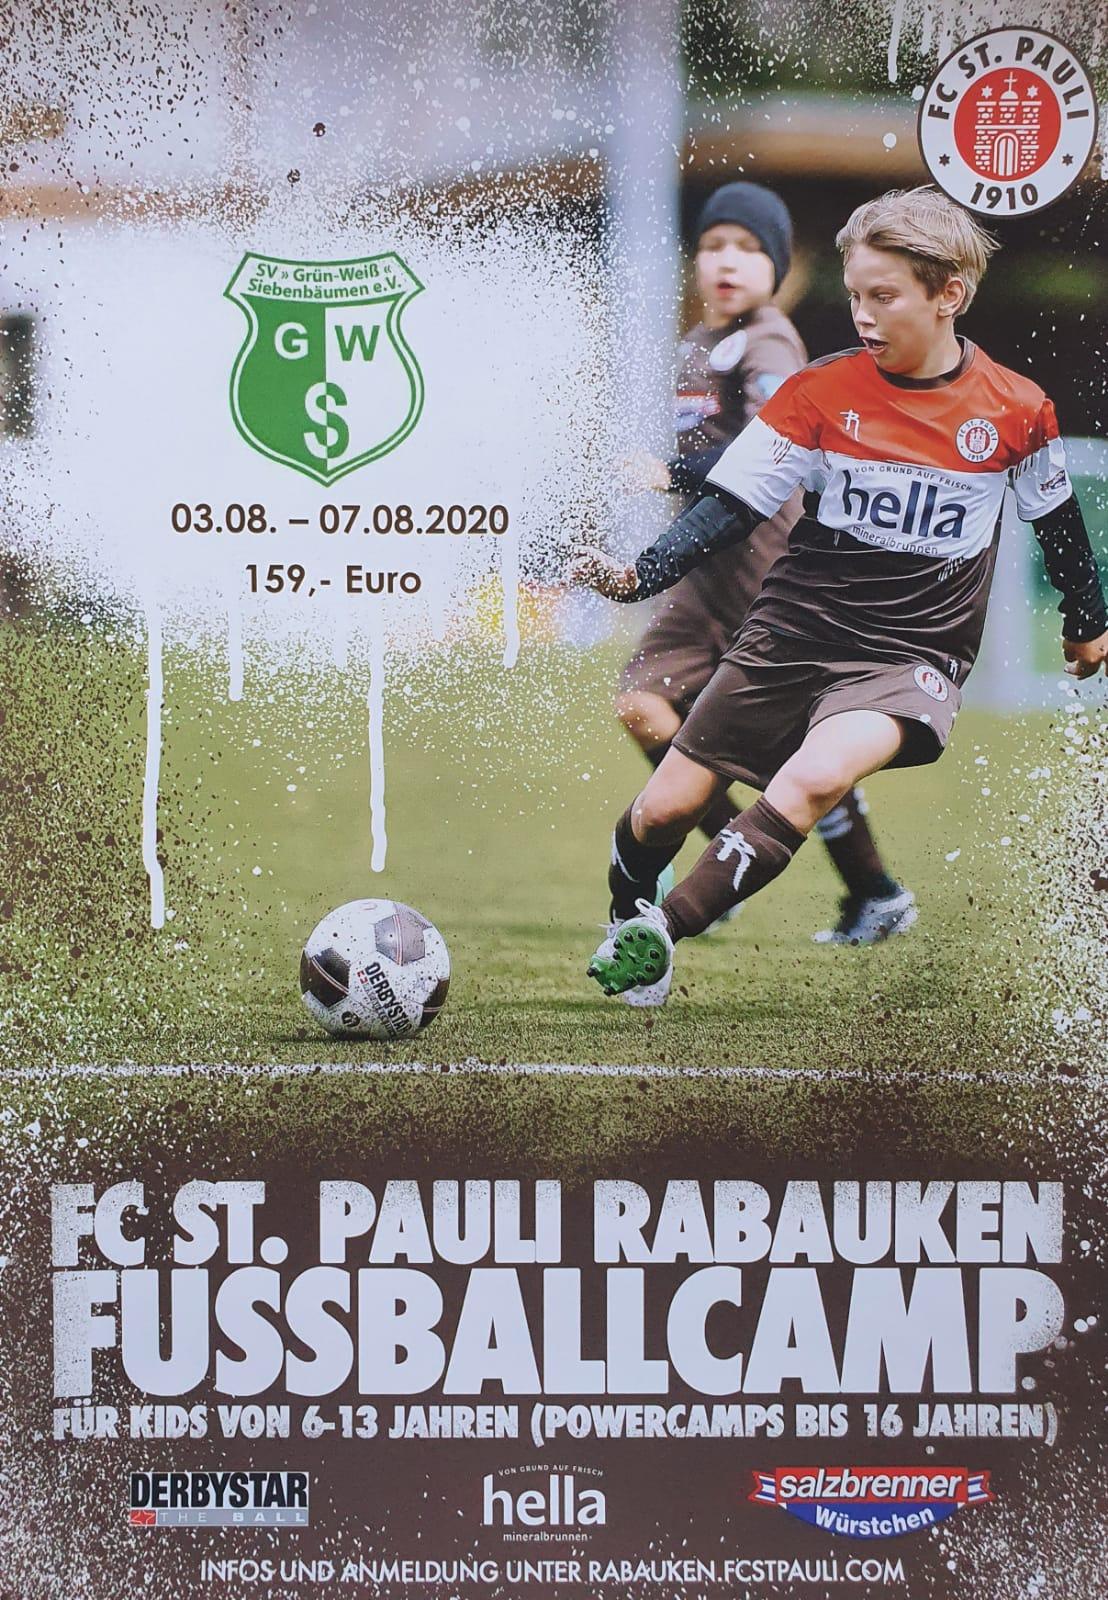 FC ST. Pauli Rabauken Fussballcamp in Siebenbäumen⚽️